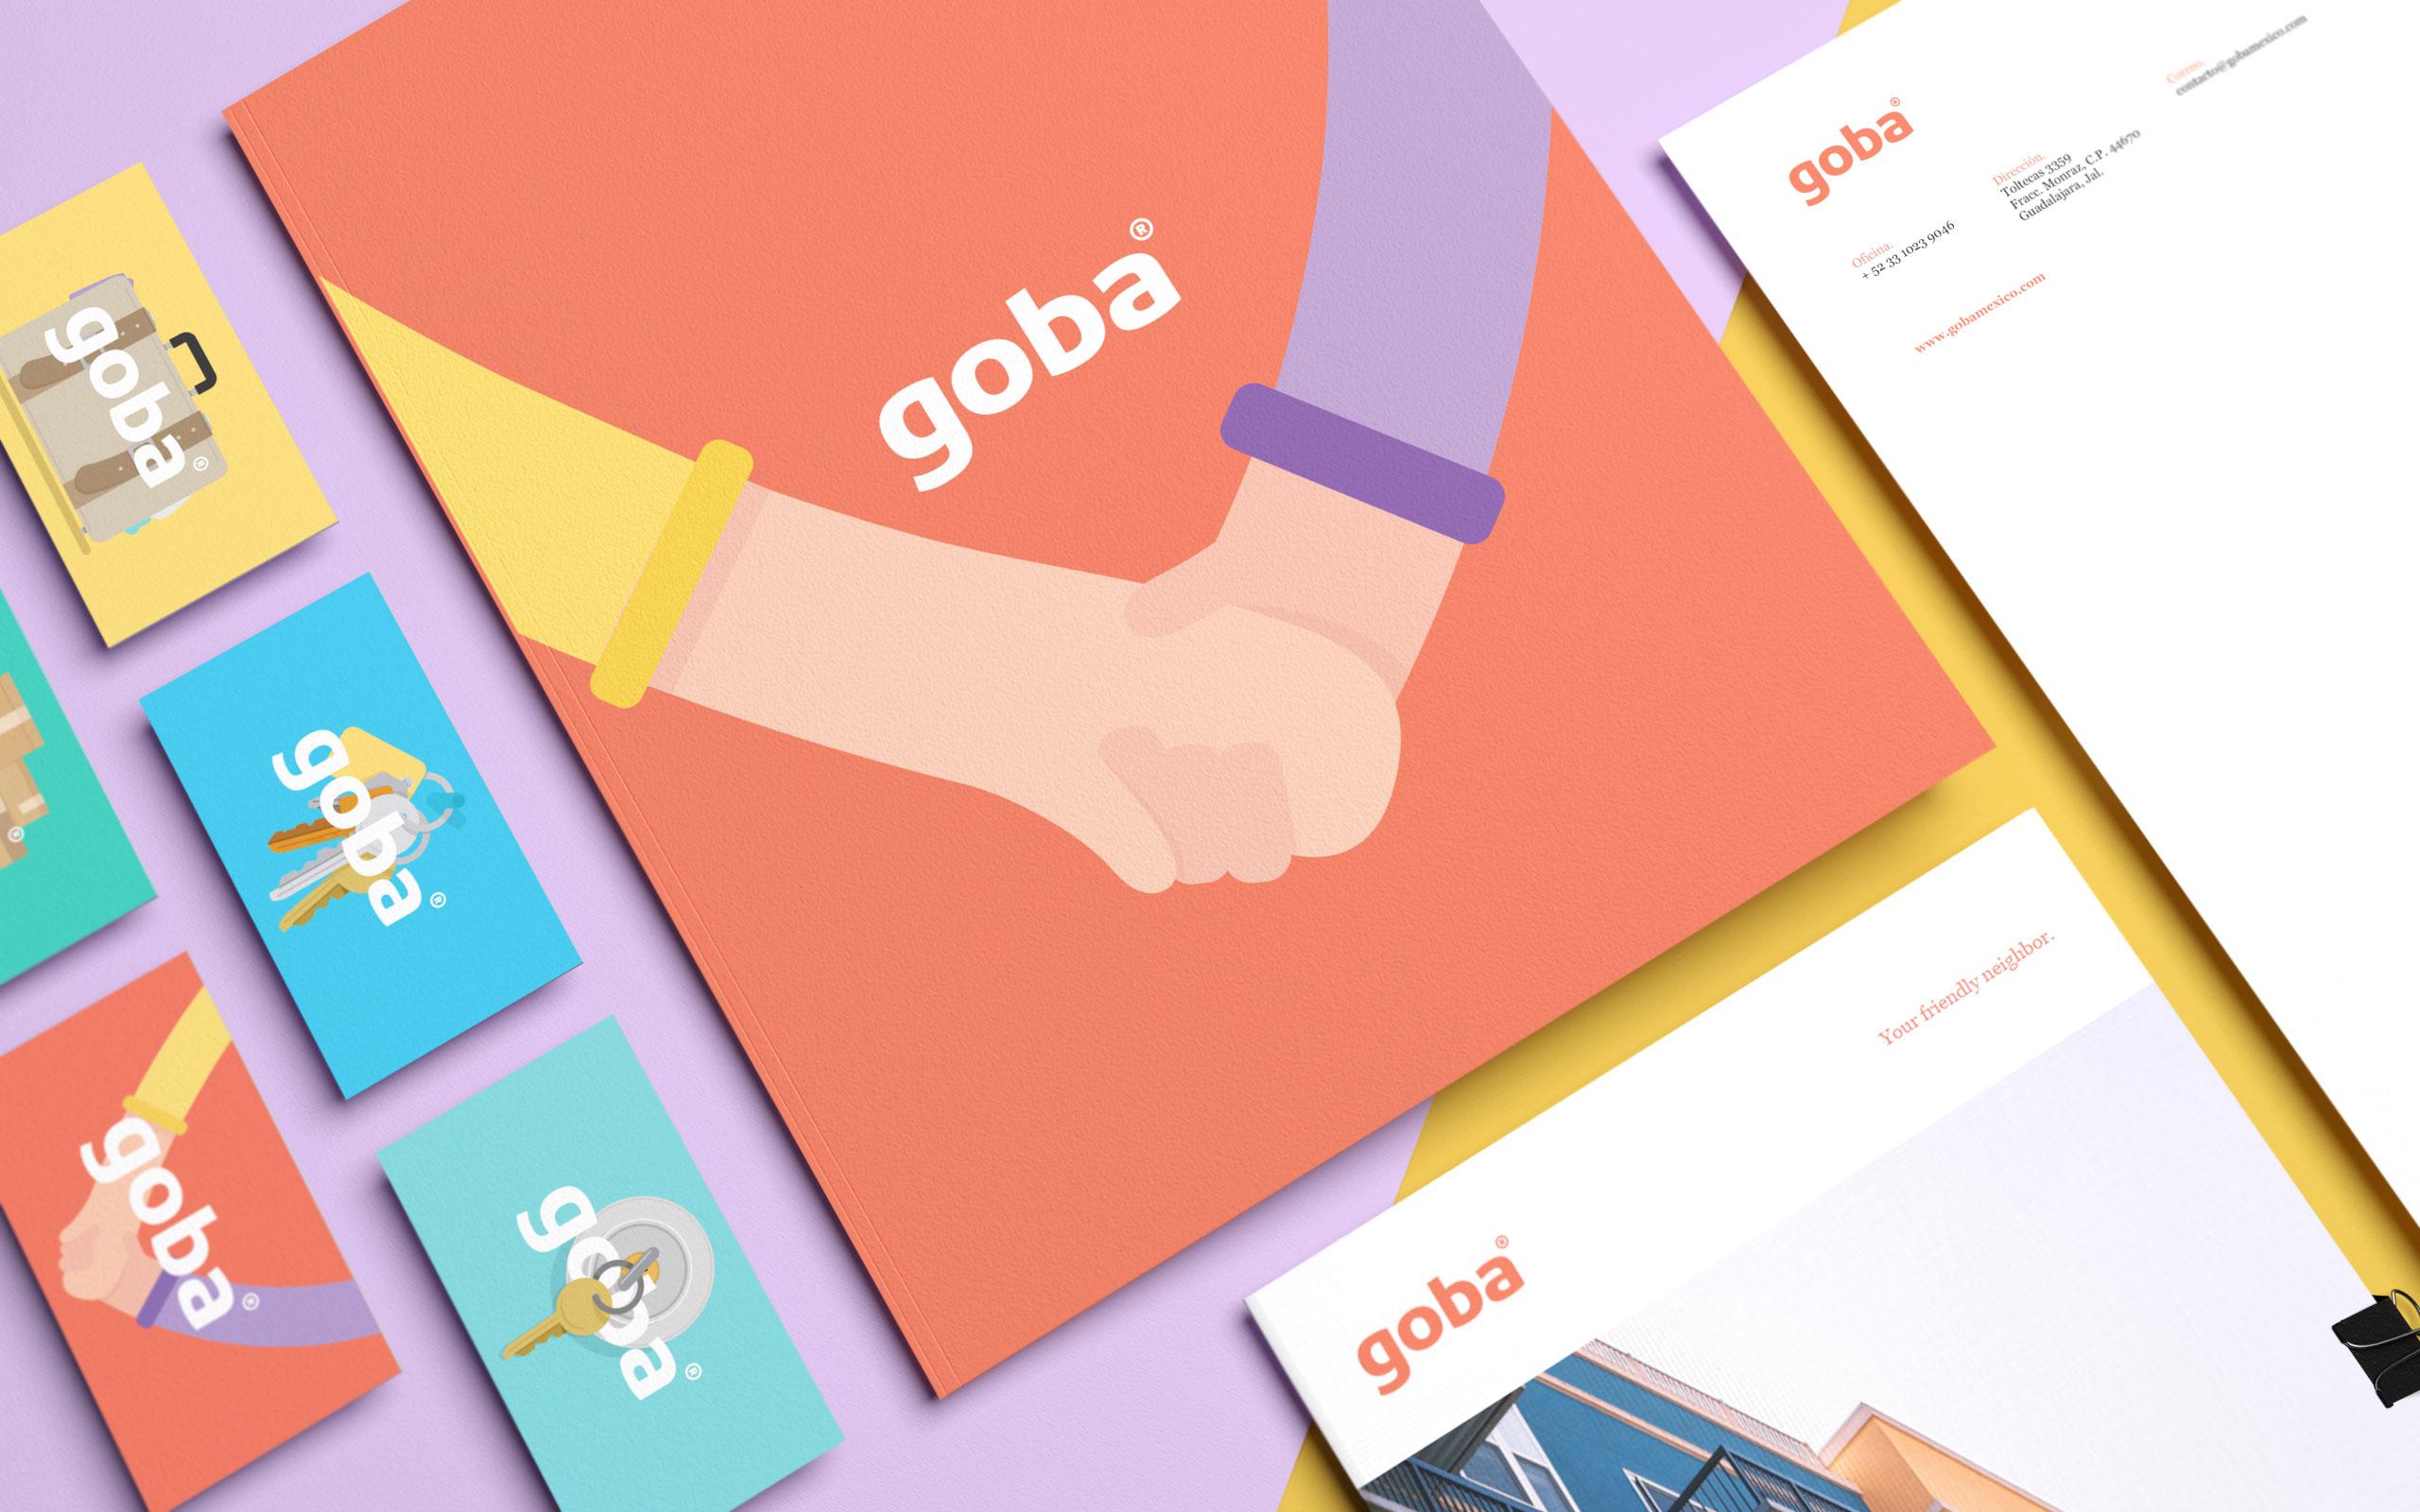 goba-06